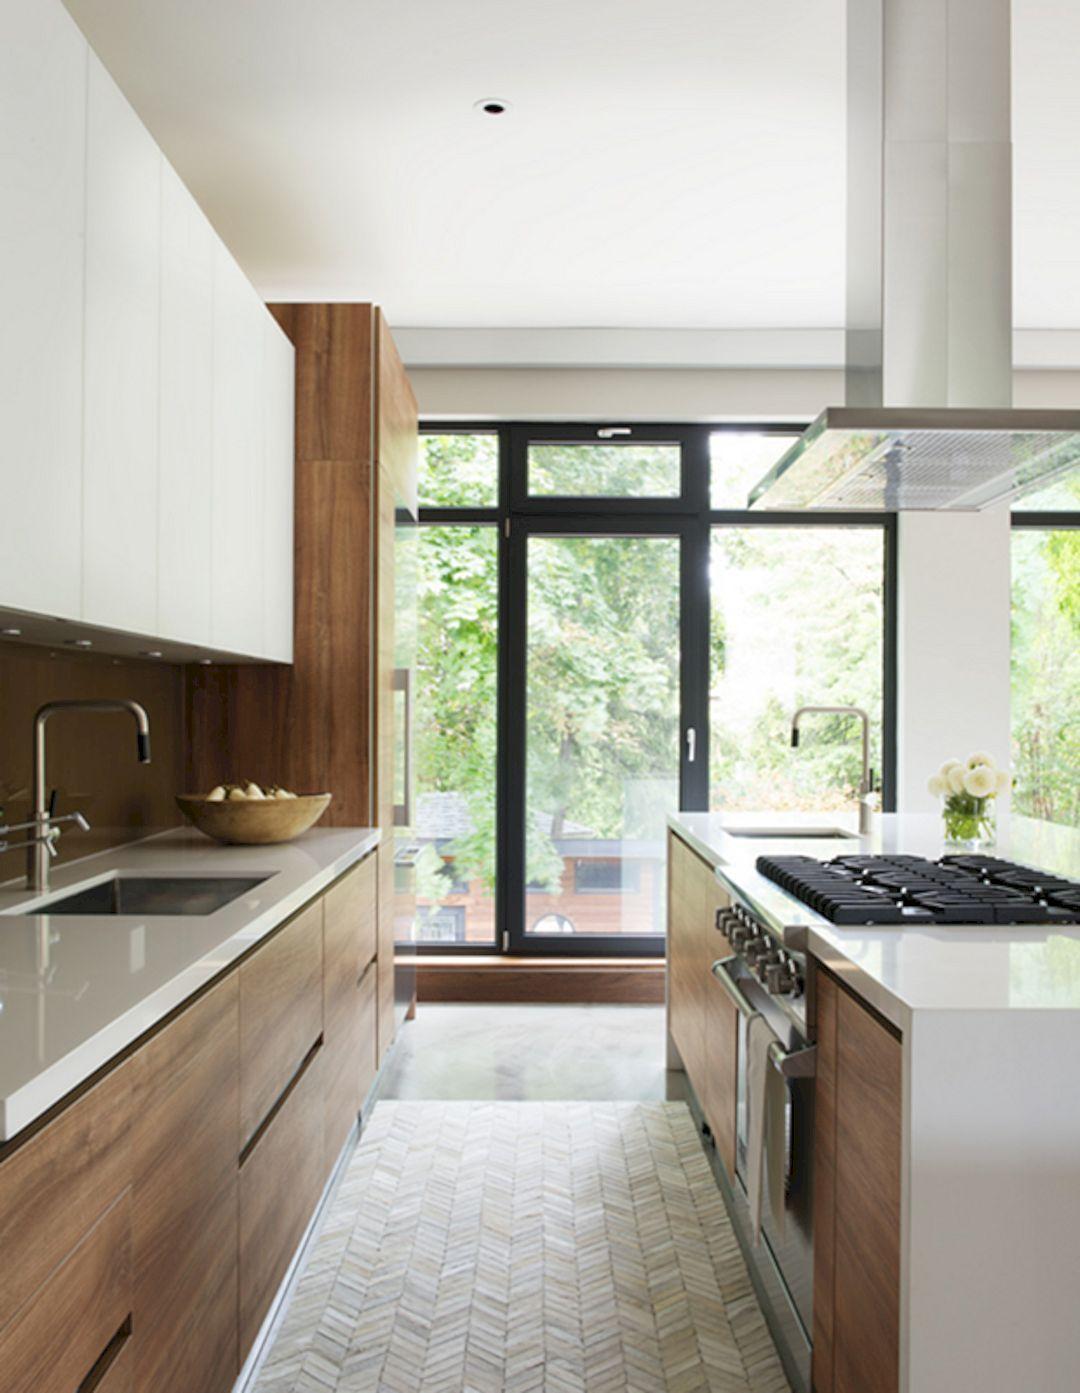 Stylish Modern Kitchen Cabinet: 127 Design Ideas |